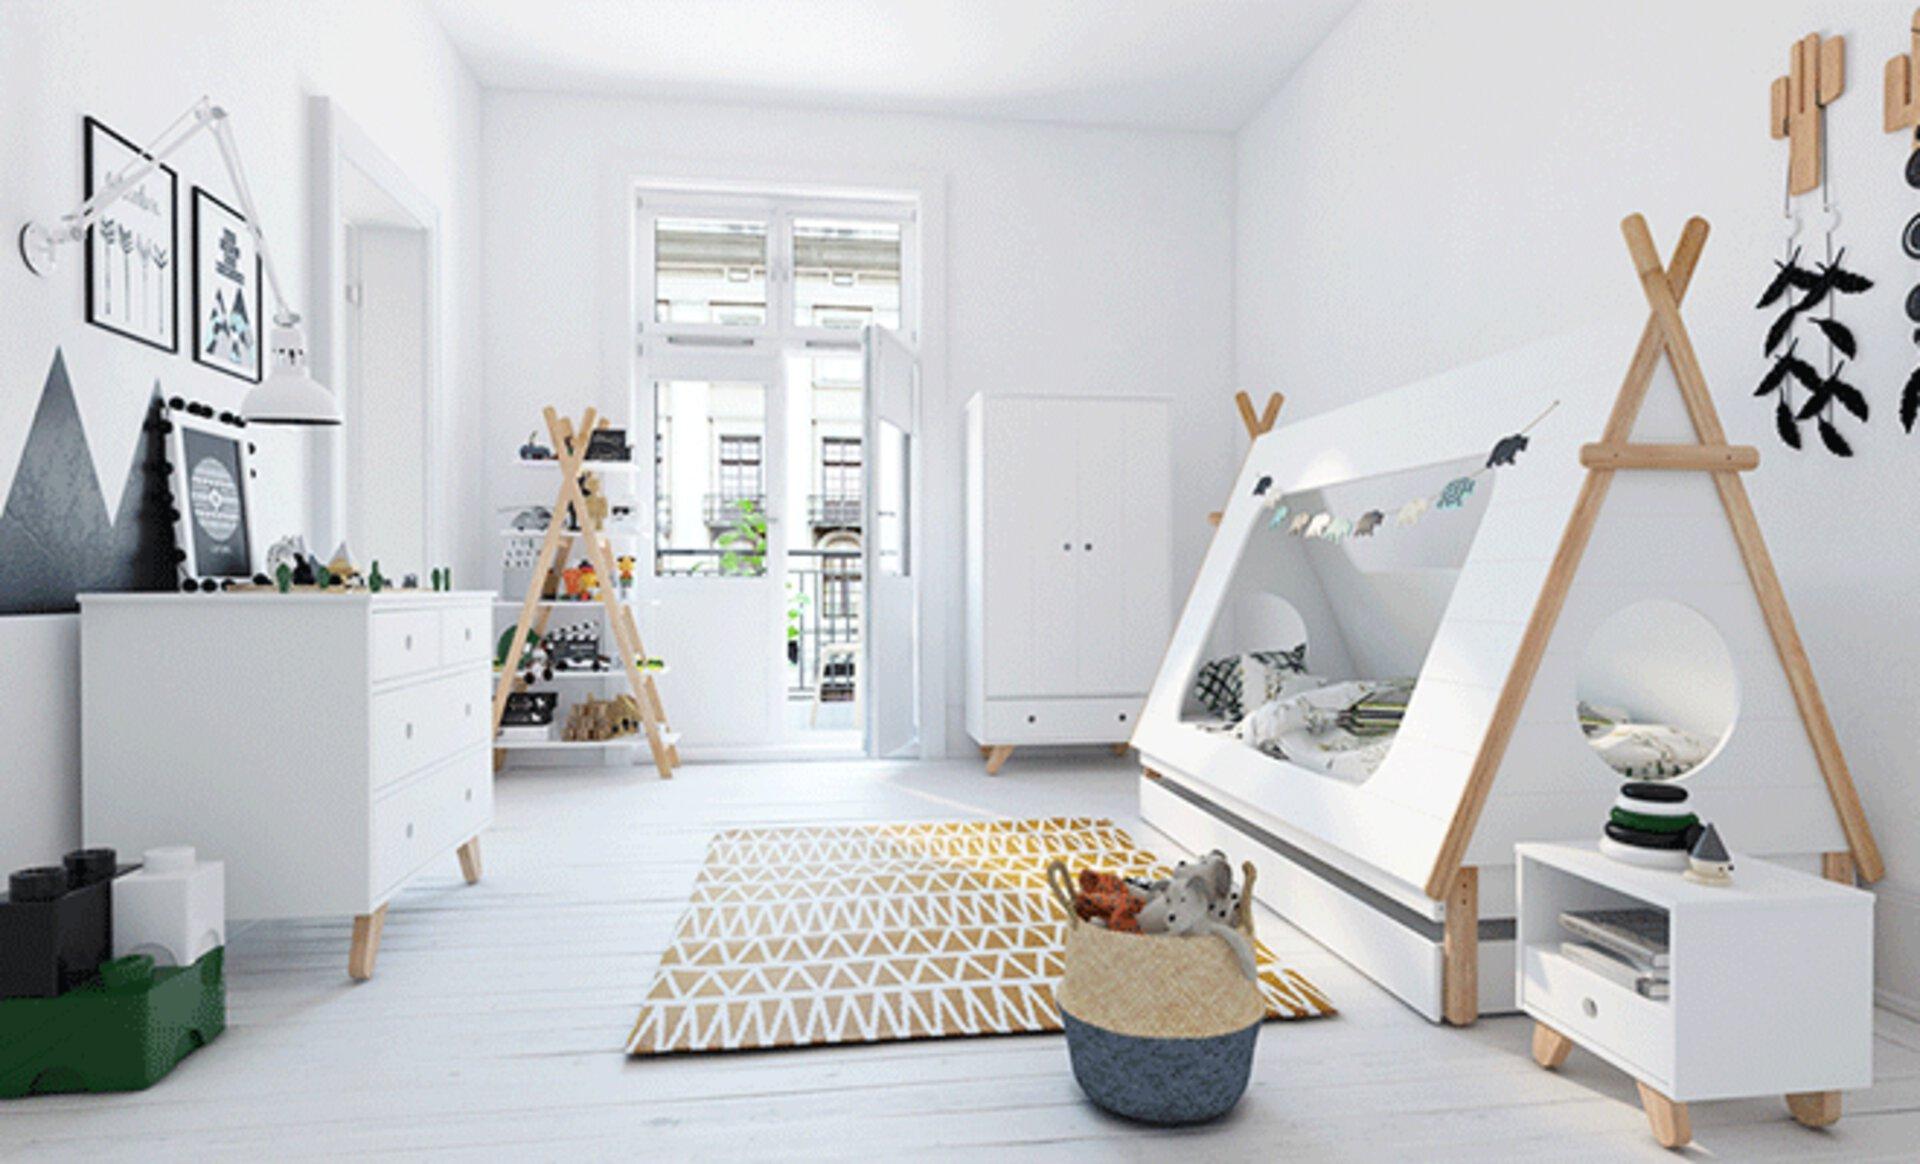 ein helles Kinderzimmer mit Bett in Zeltoptik passt zu jedem Einrichtungsstil. Perfekt aufeinander abgestimmte Kinderzimmermöbel finden Sie bei Möbel Inhofer.